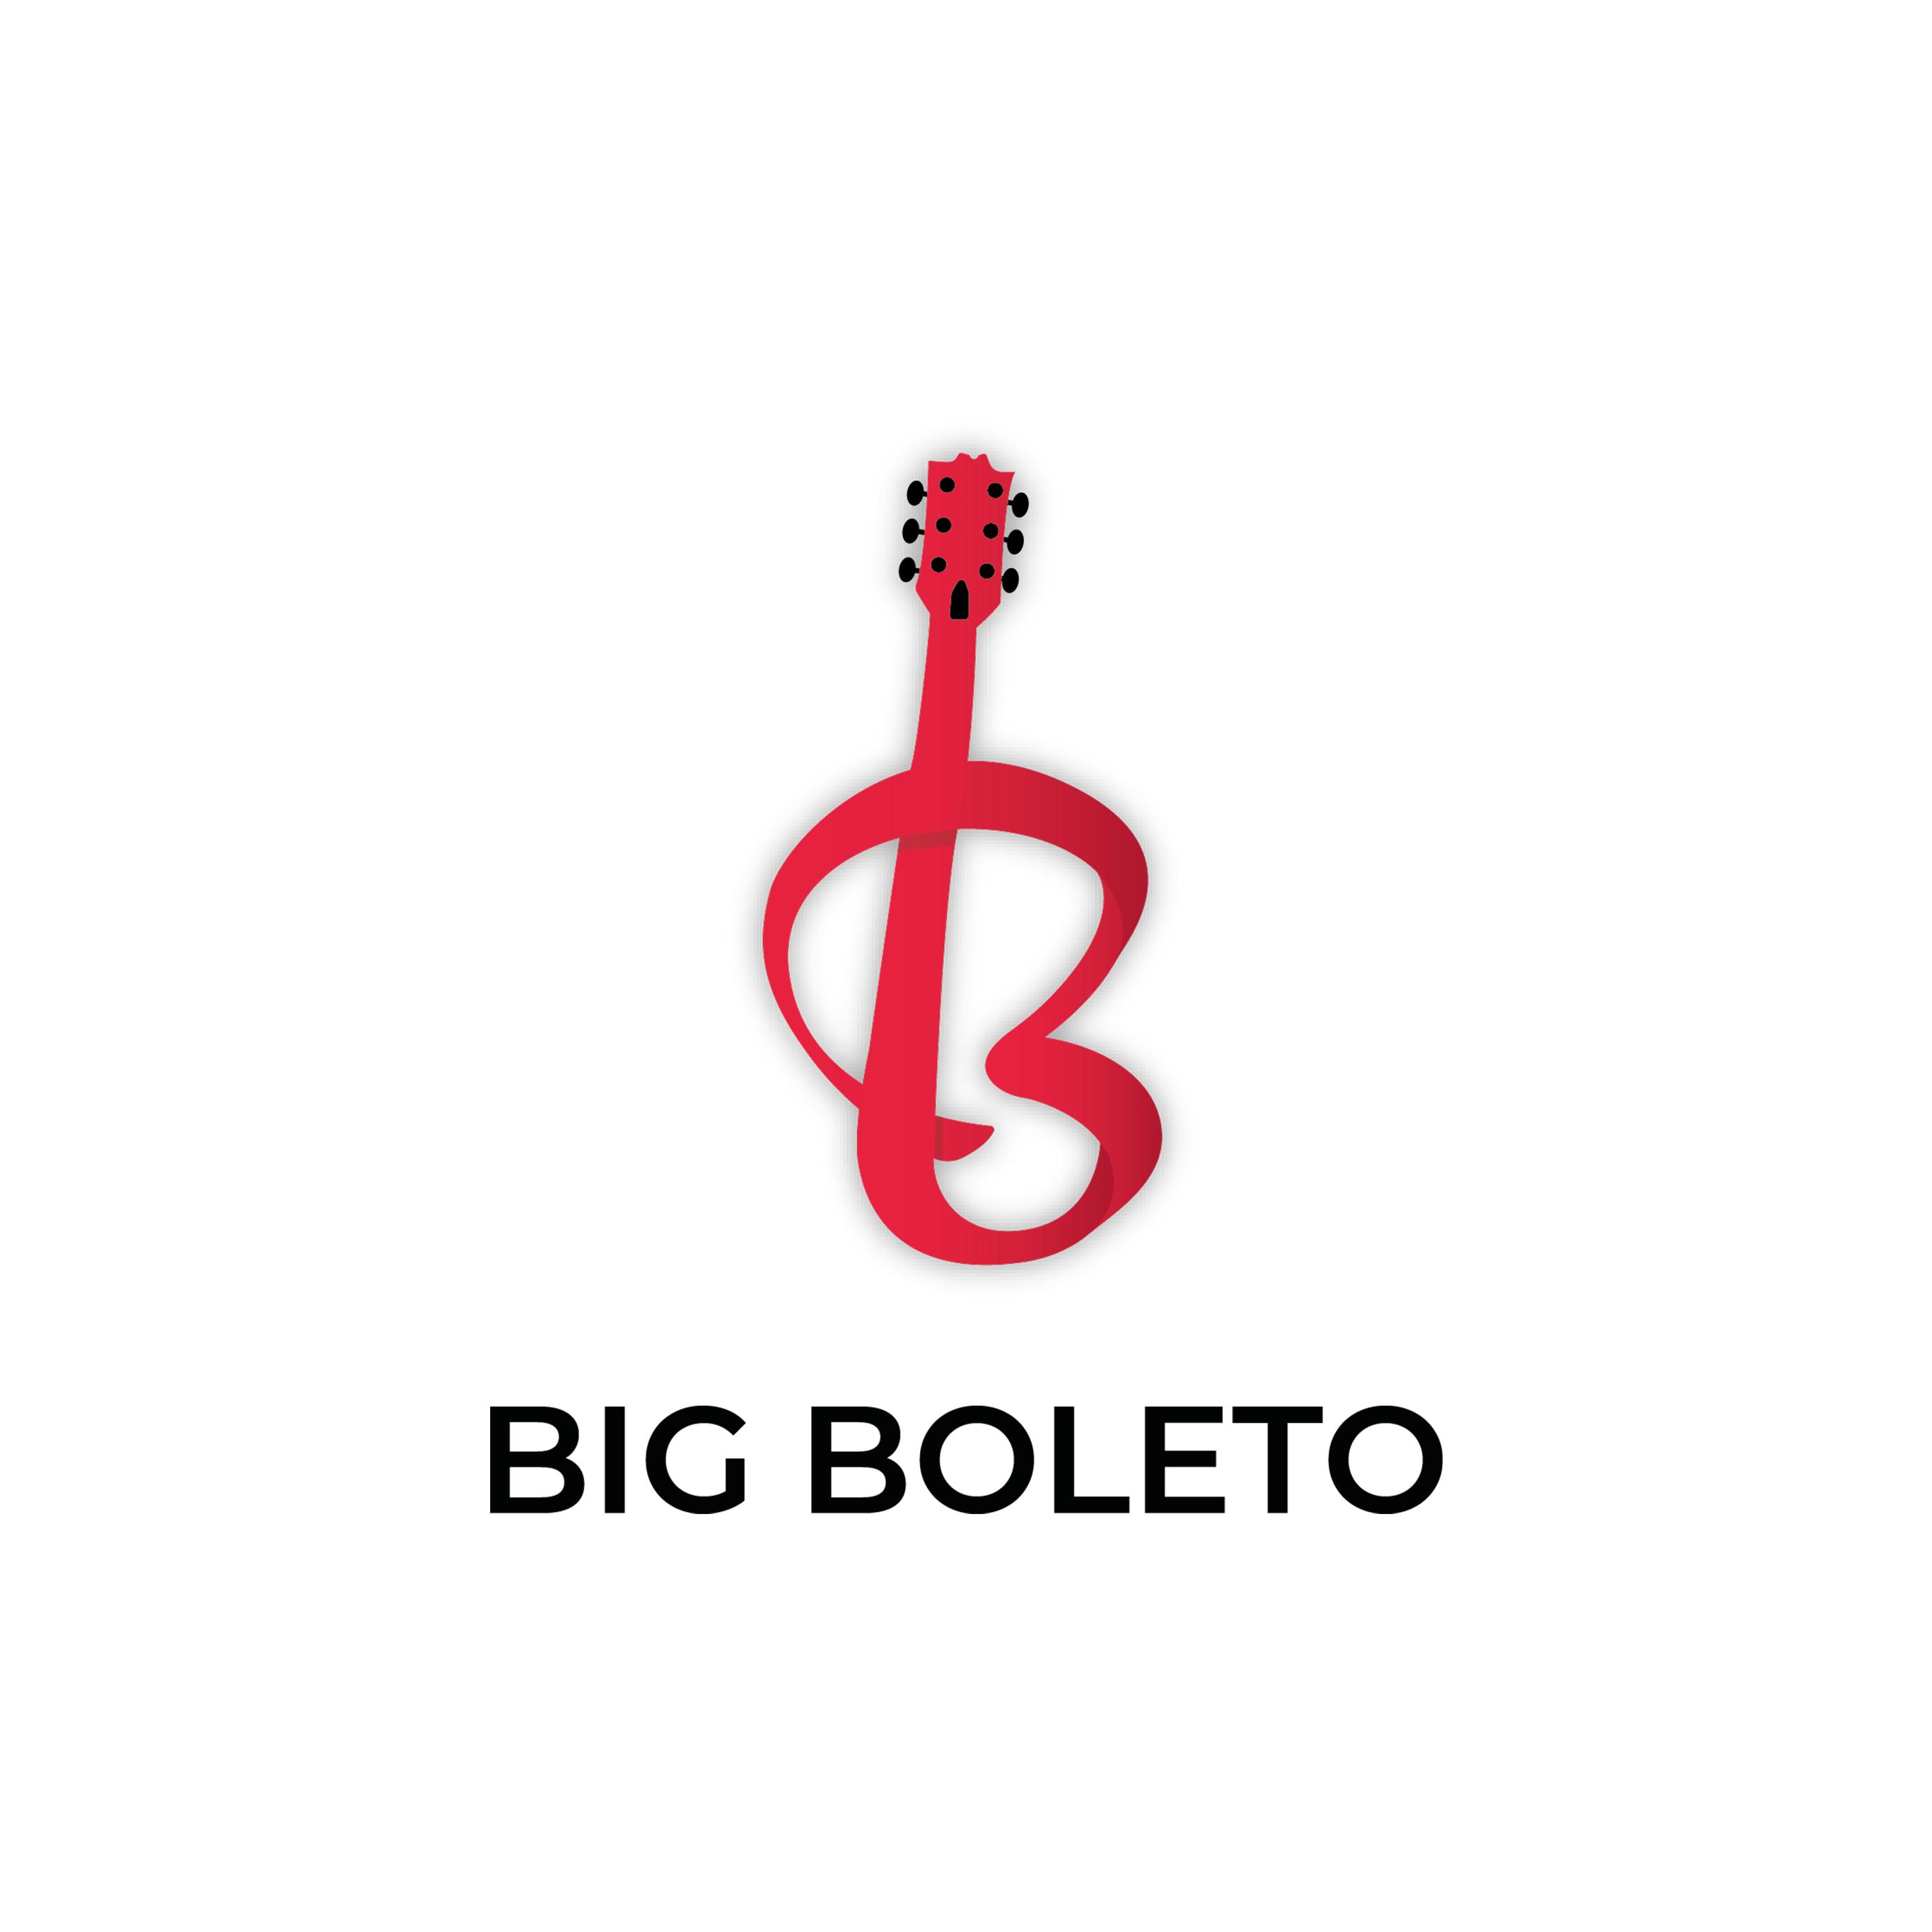 Big Boleto